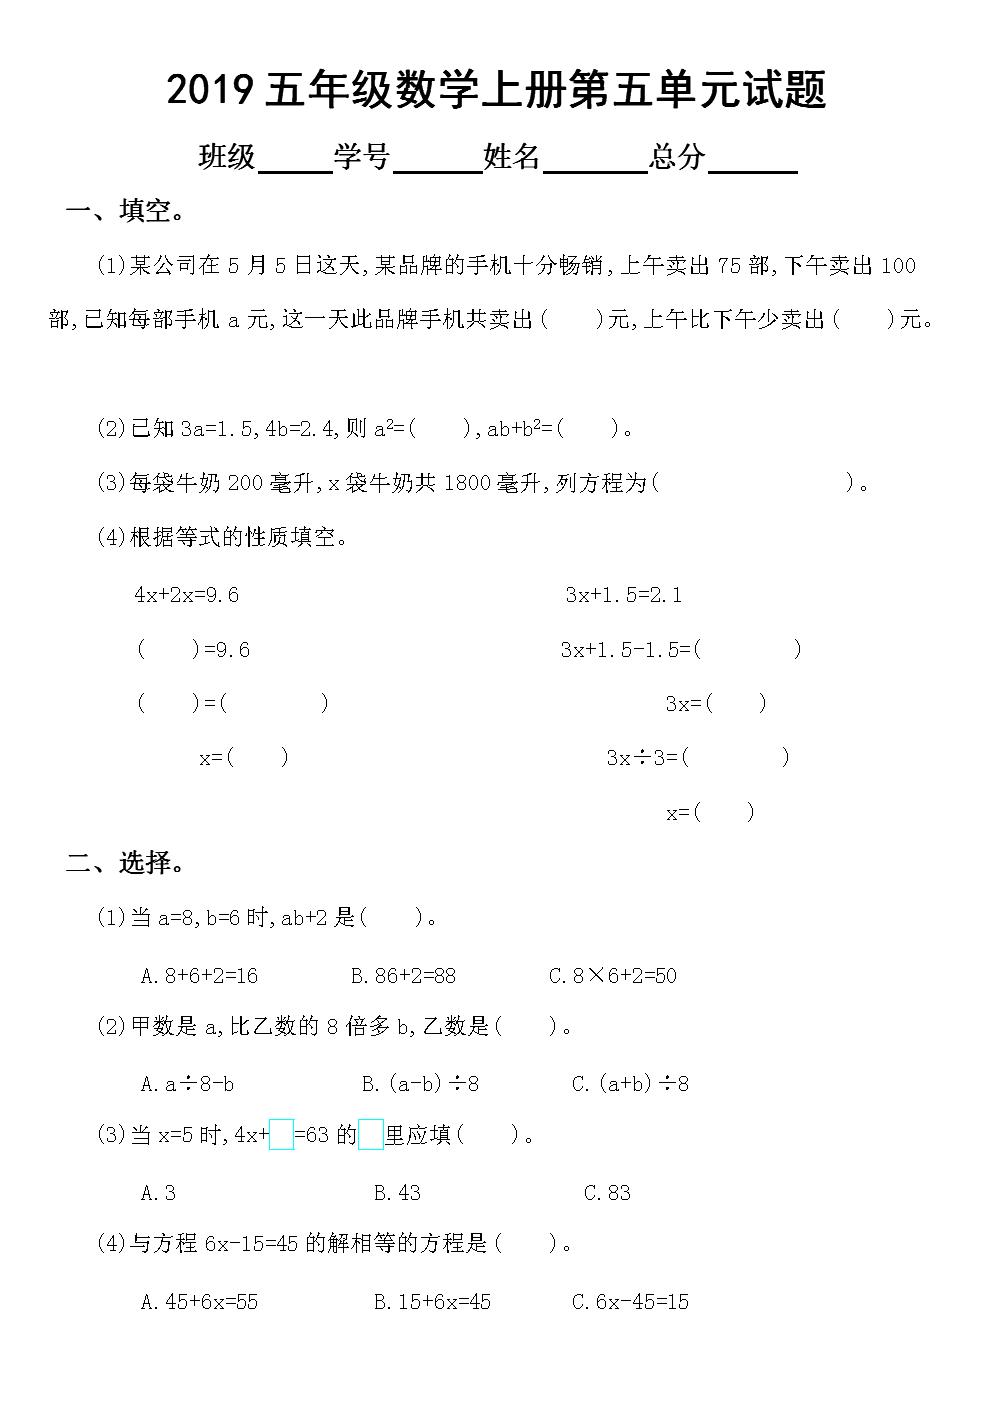 2019人教版小学数学五年级上册第五单元《简易方程》测试卷1.docx